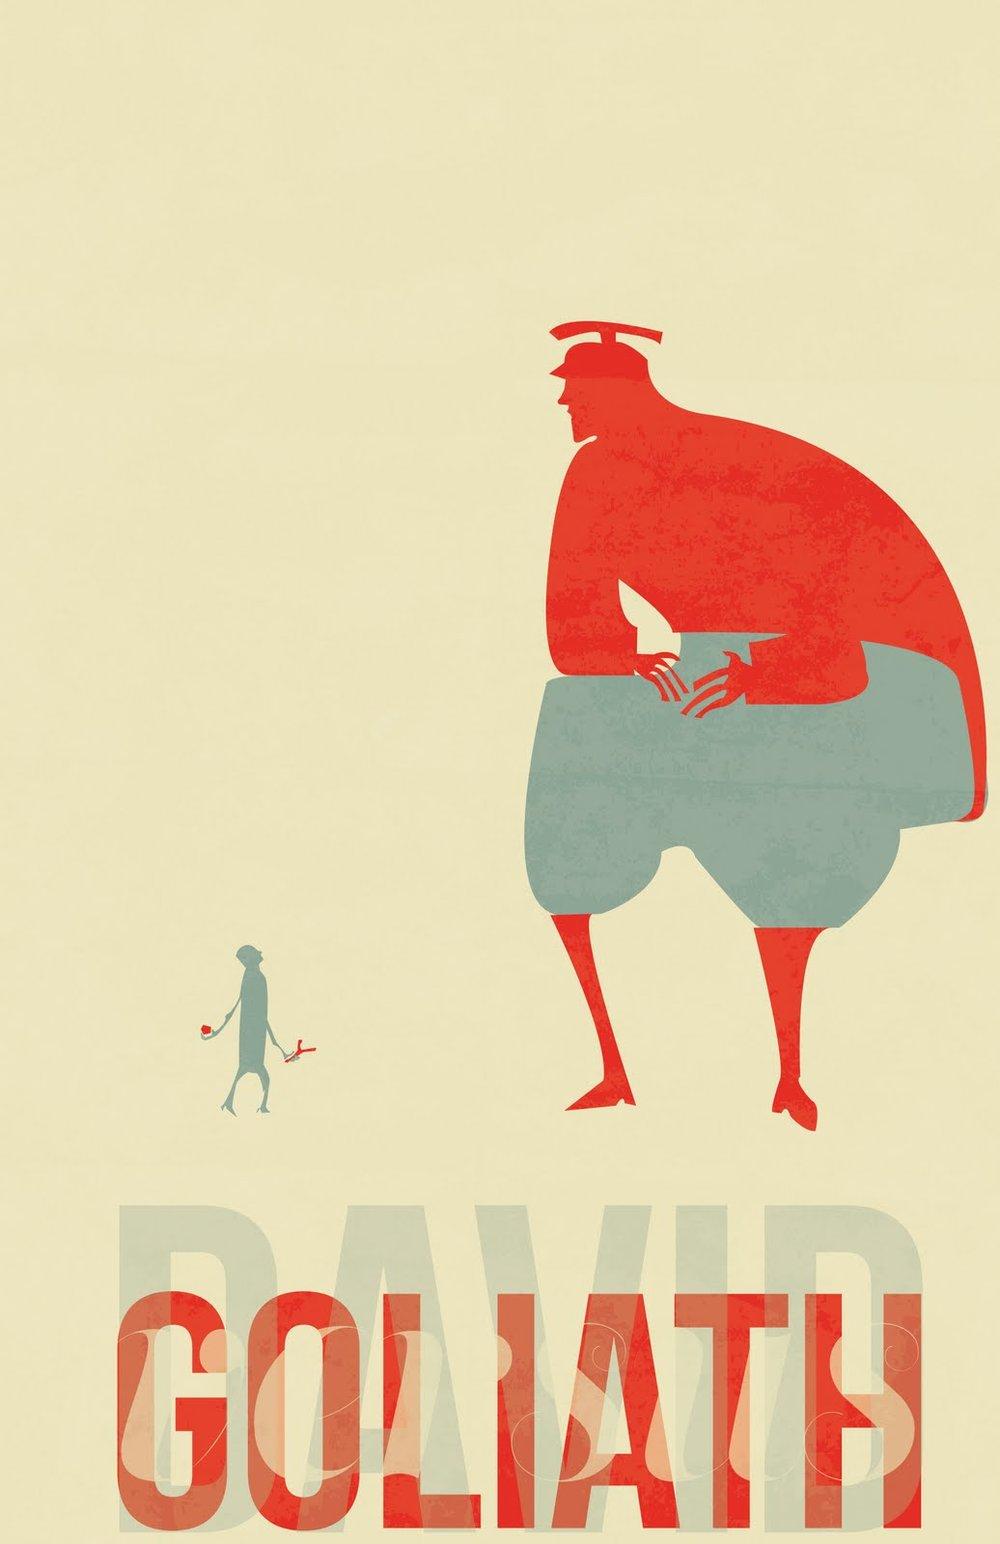 david versus goliath.jpg